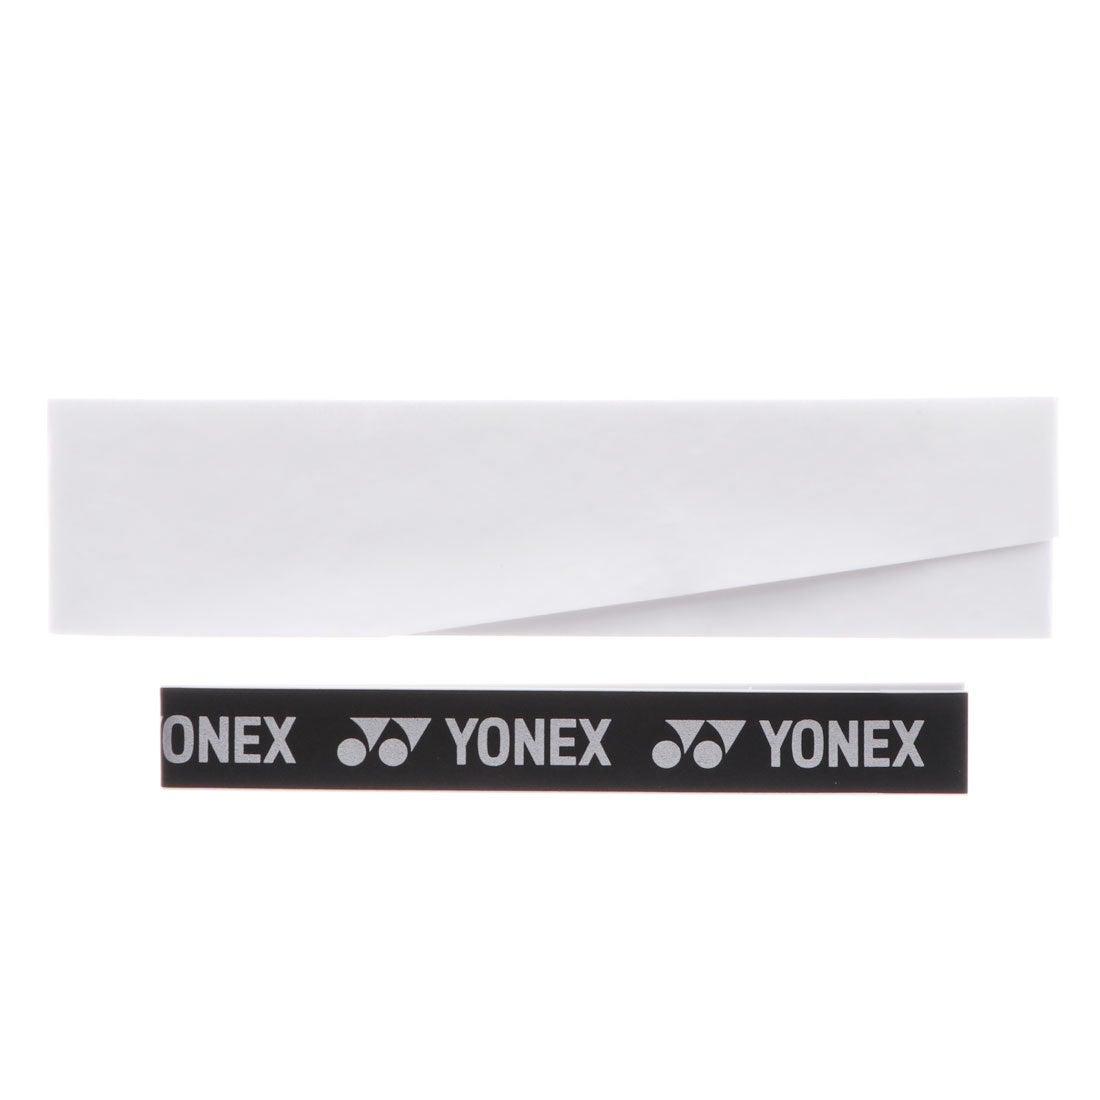 ヨネックス YONEX テニス グリップテープ ウェットスーパー極薄グリップ AC130